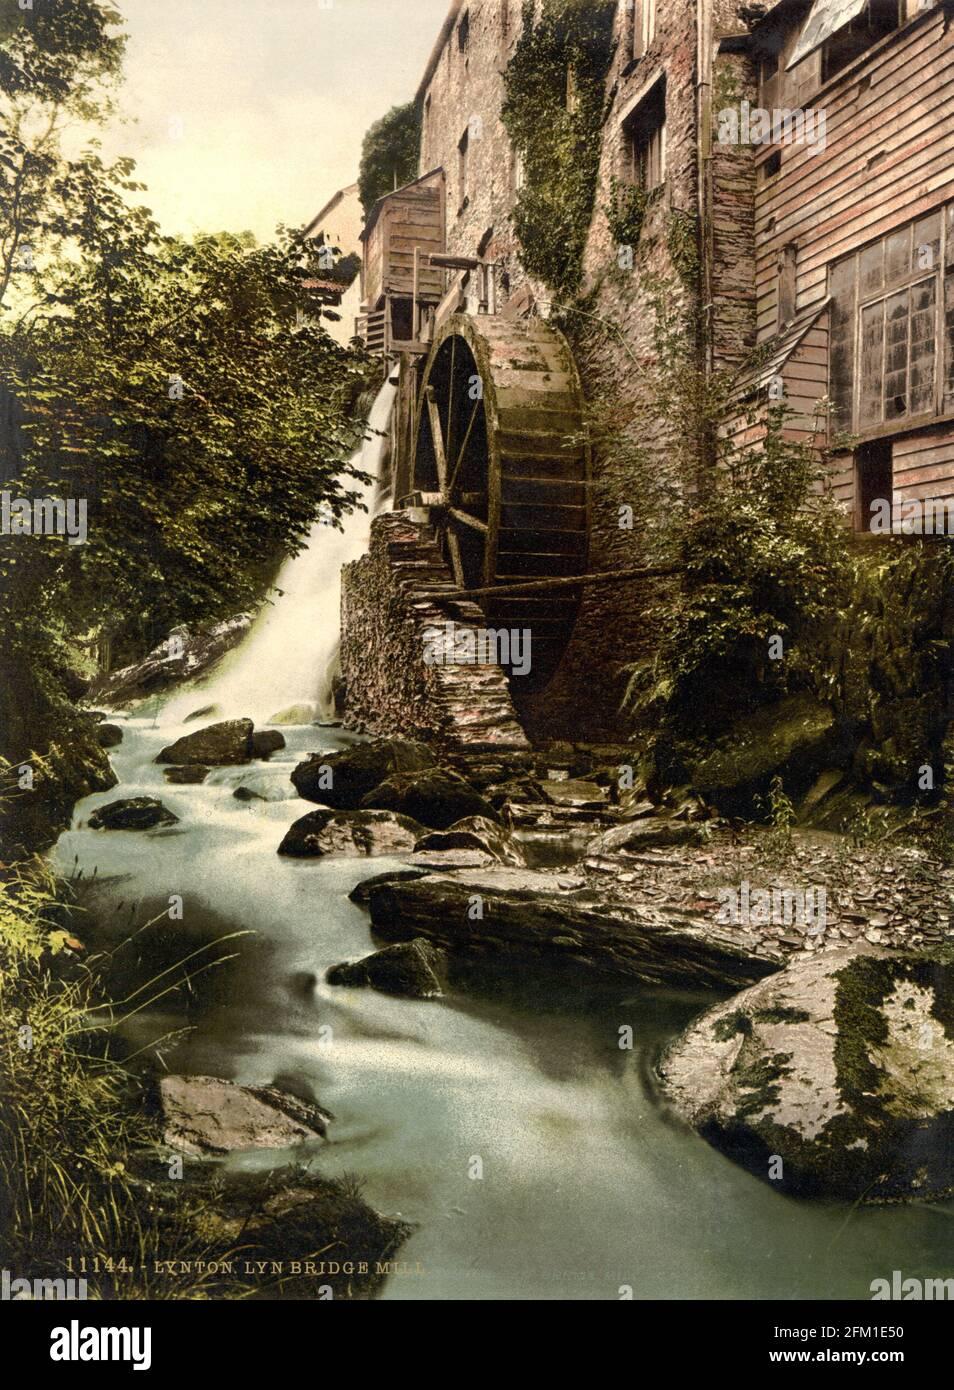 Le moulin de Lyn Bridge Lynton à Devon vers 1890-1900 Banque D'Images